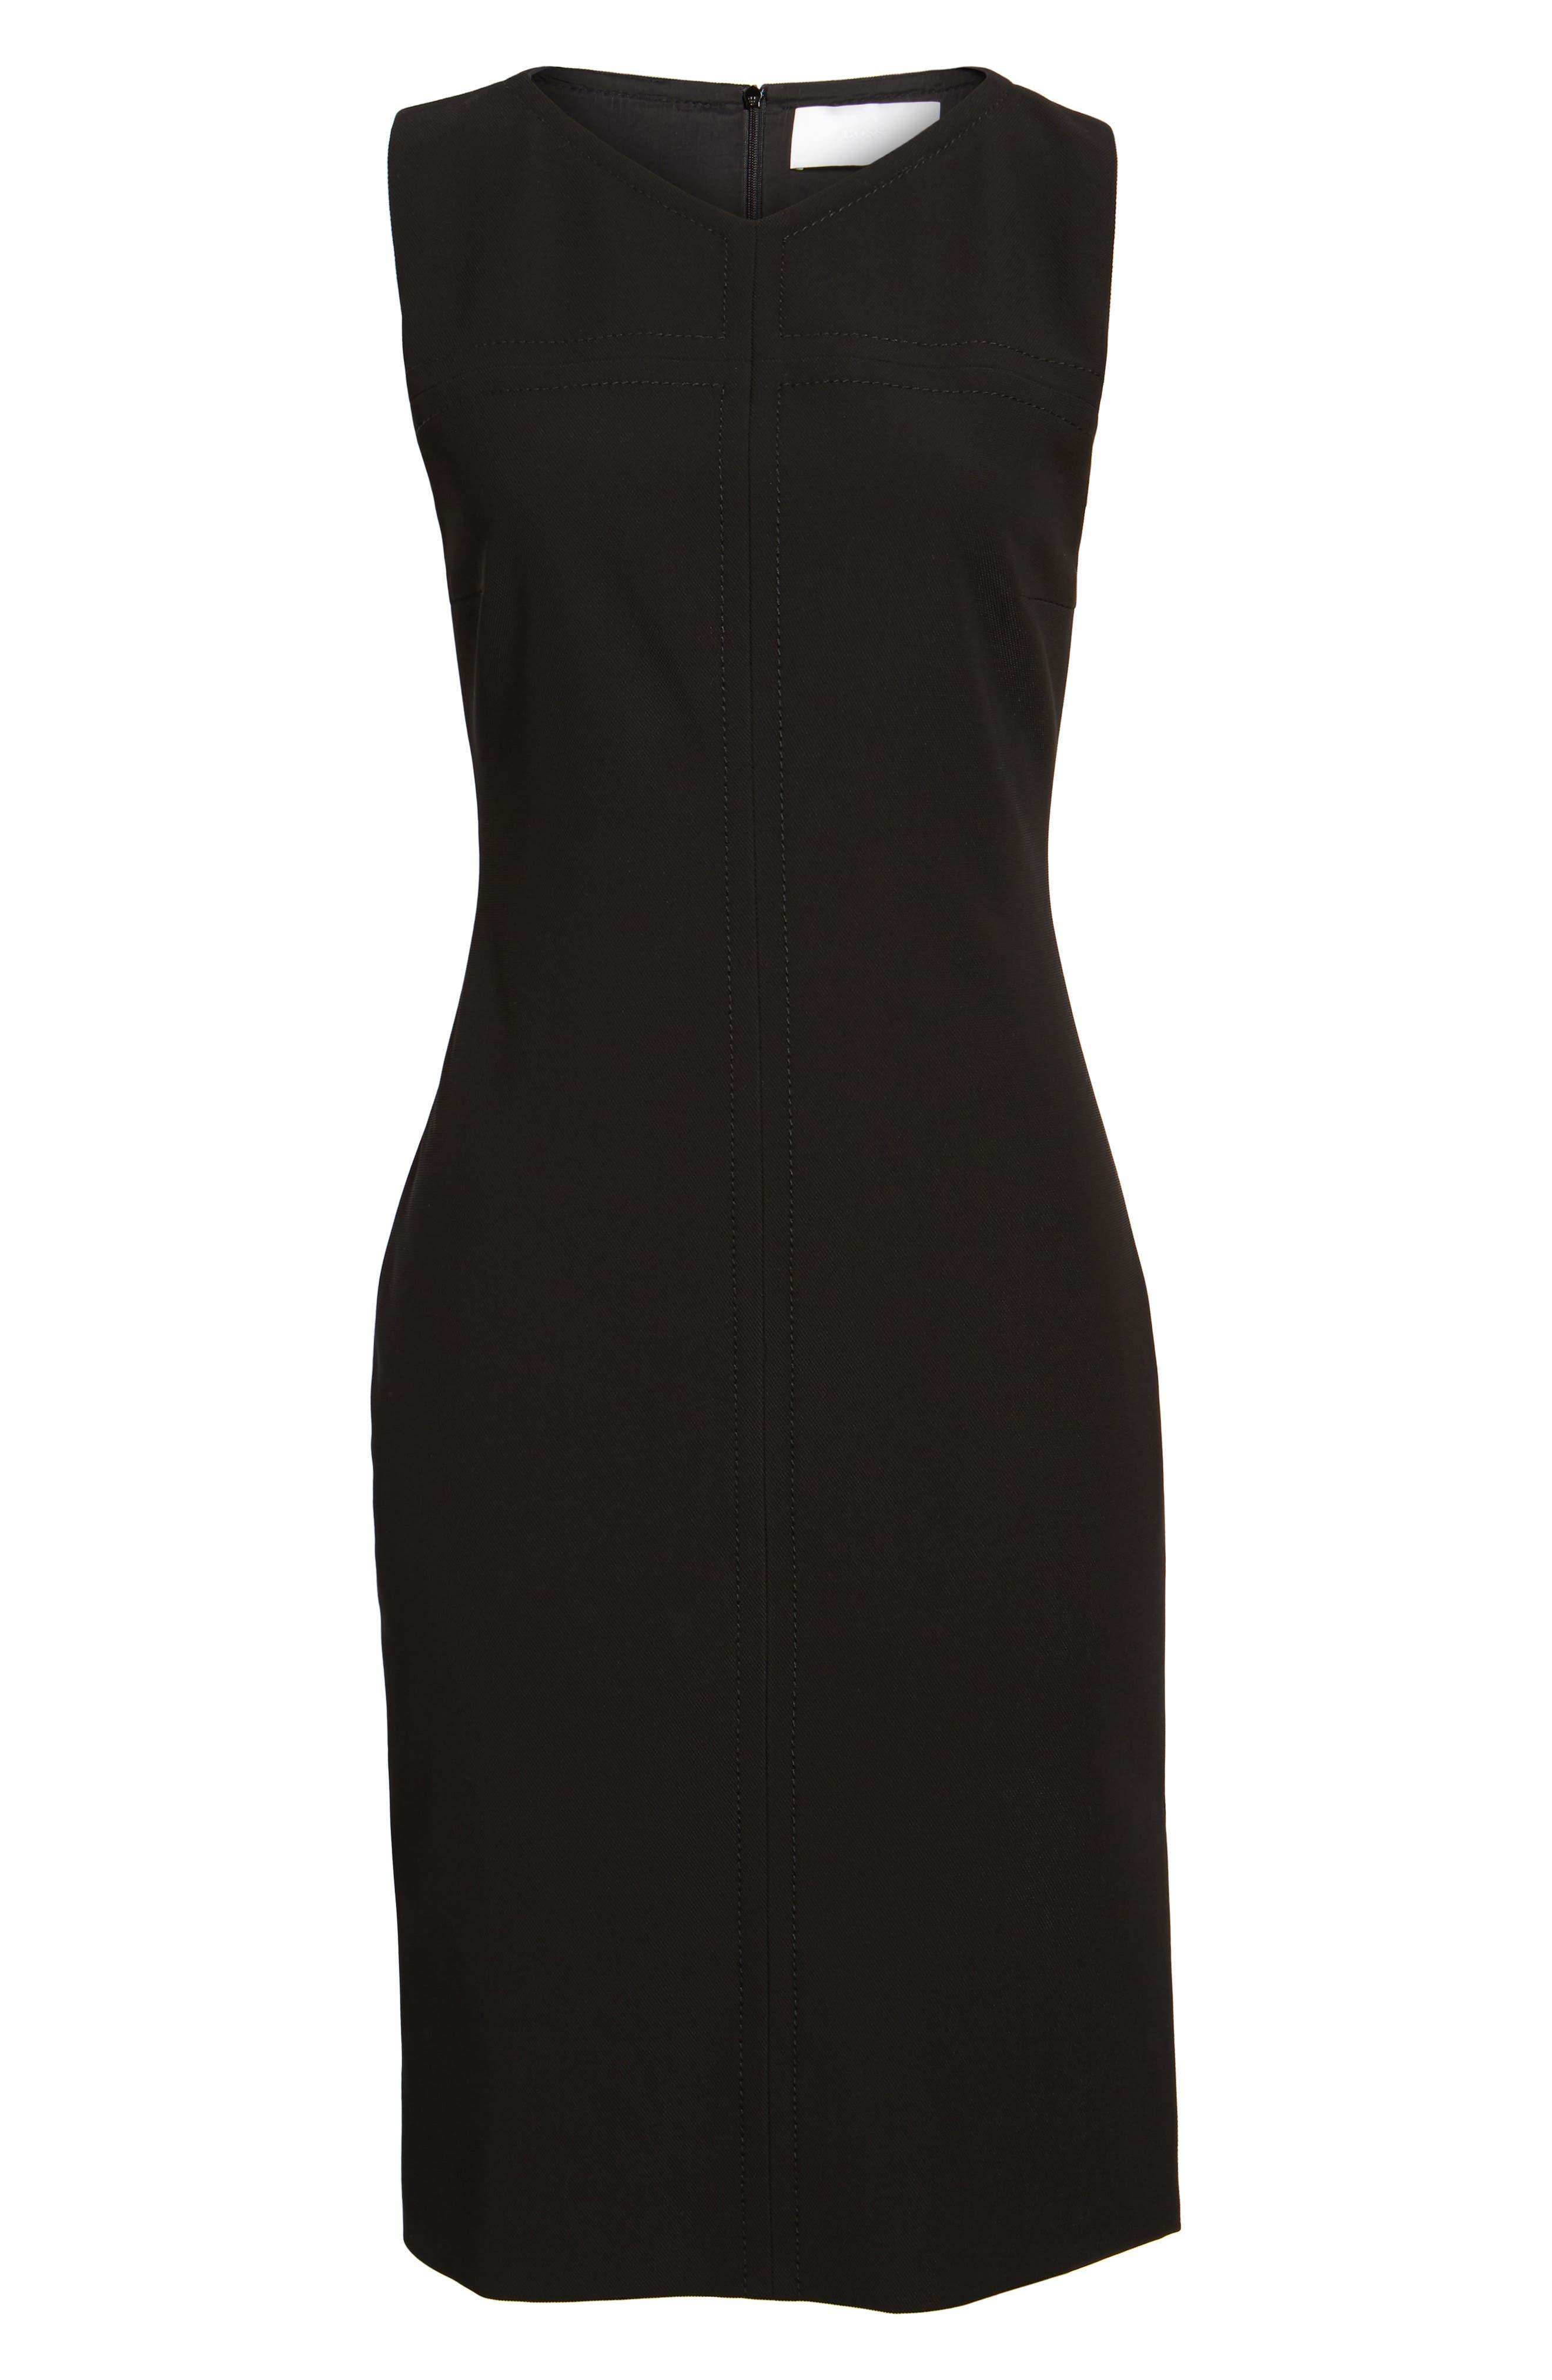 Dilamena Crepe Sheath Dress,                             Alternate thumbnail 6, color,                             Black